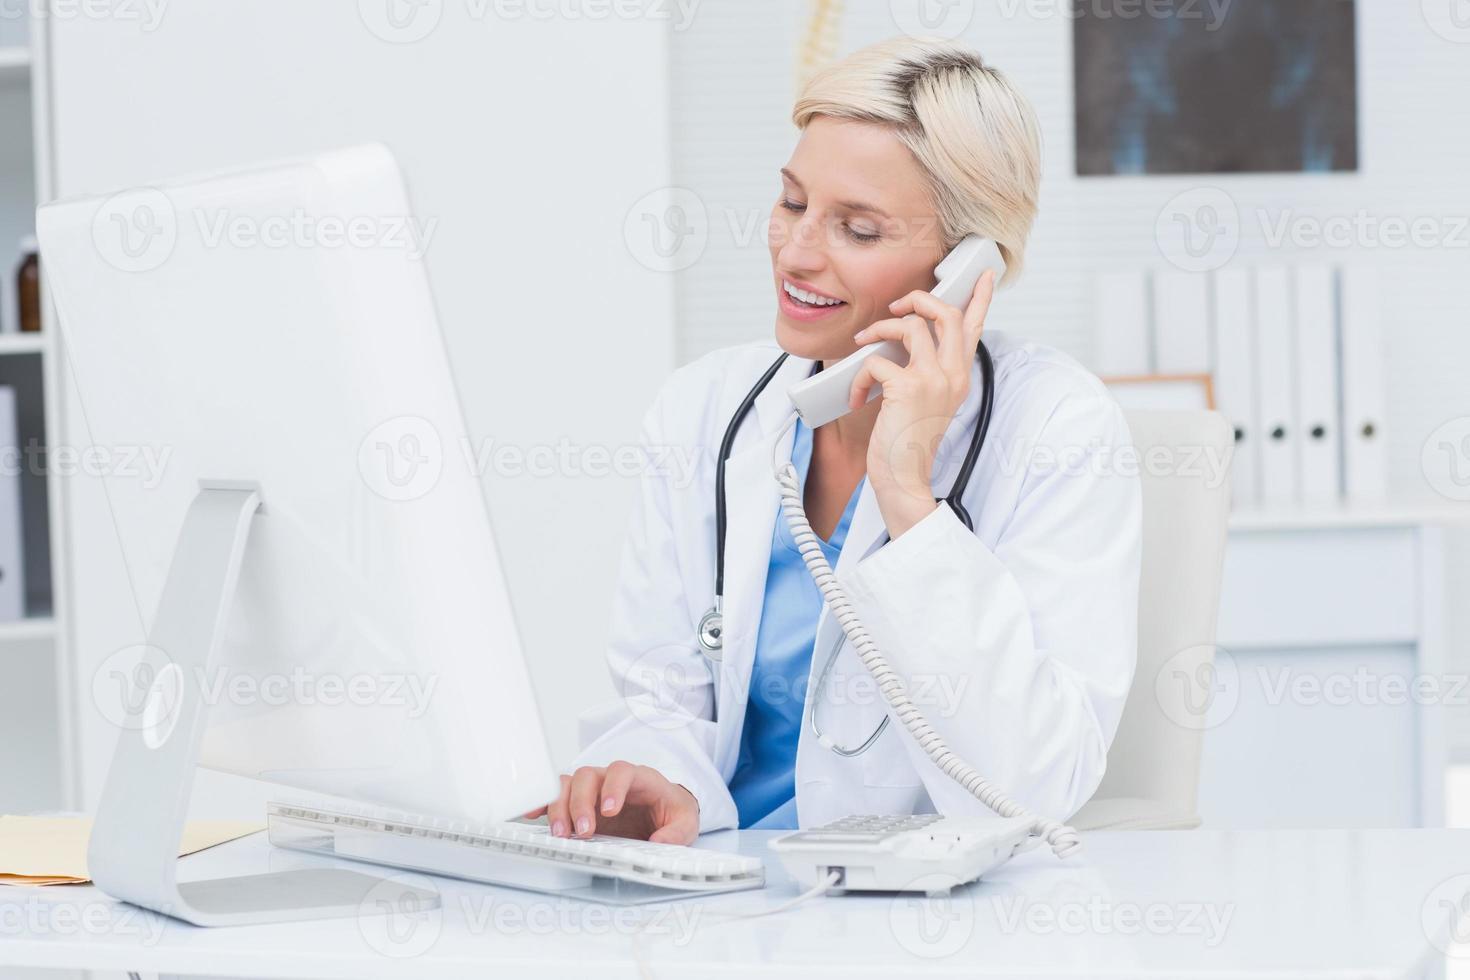 médico de guardia mientras usa la computadora en la clínica foto